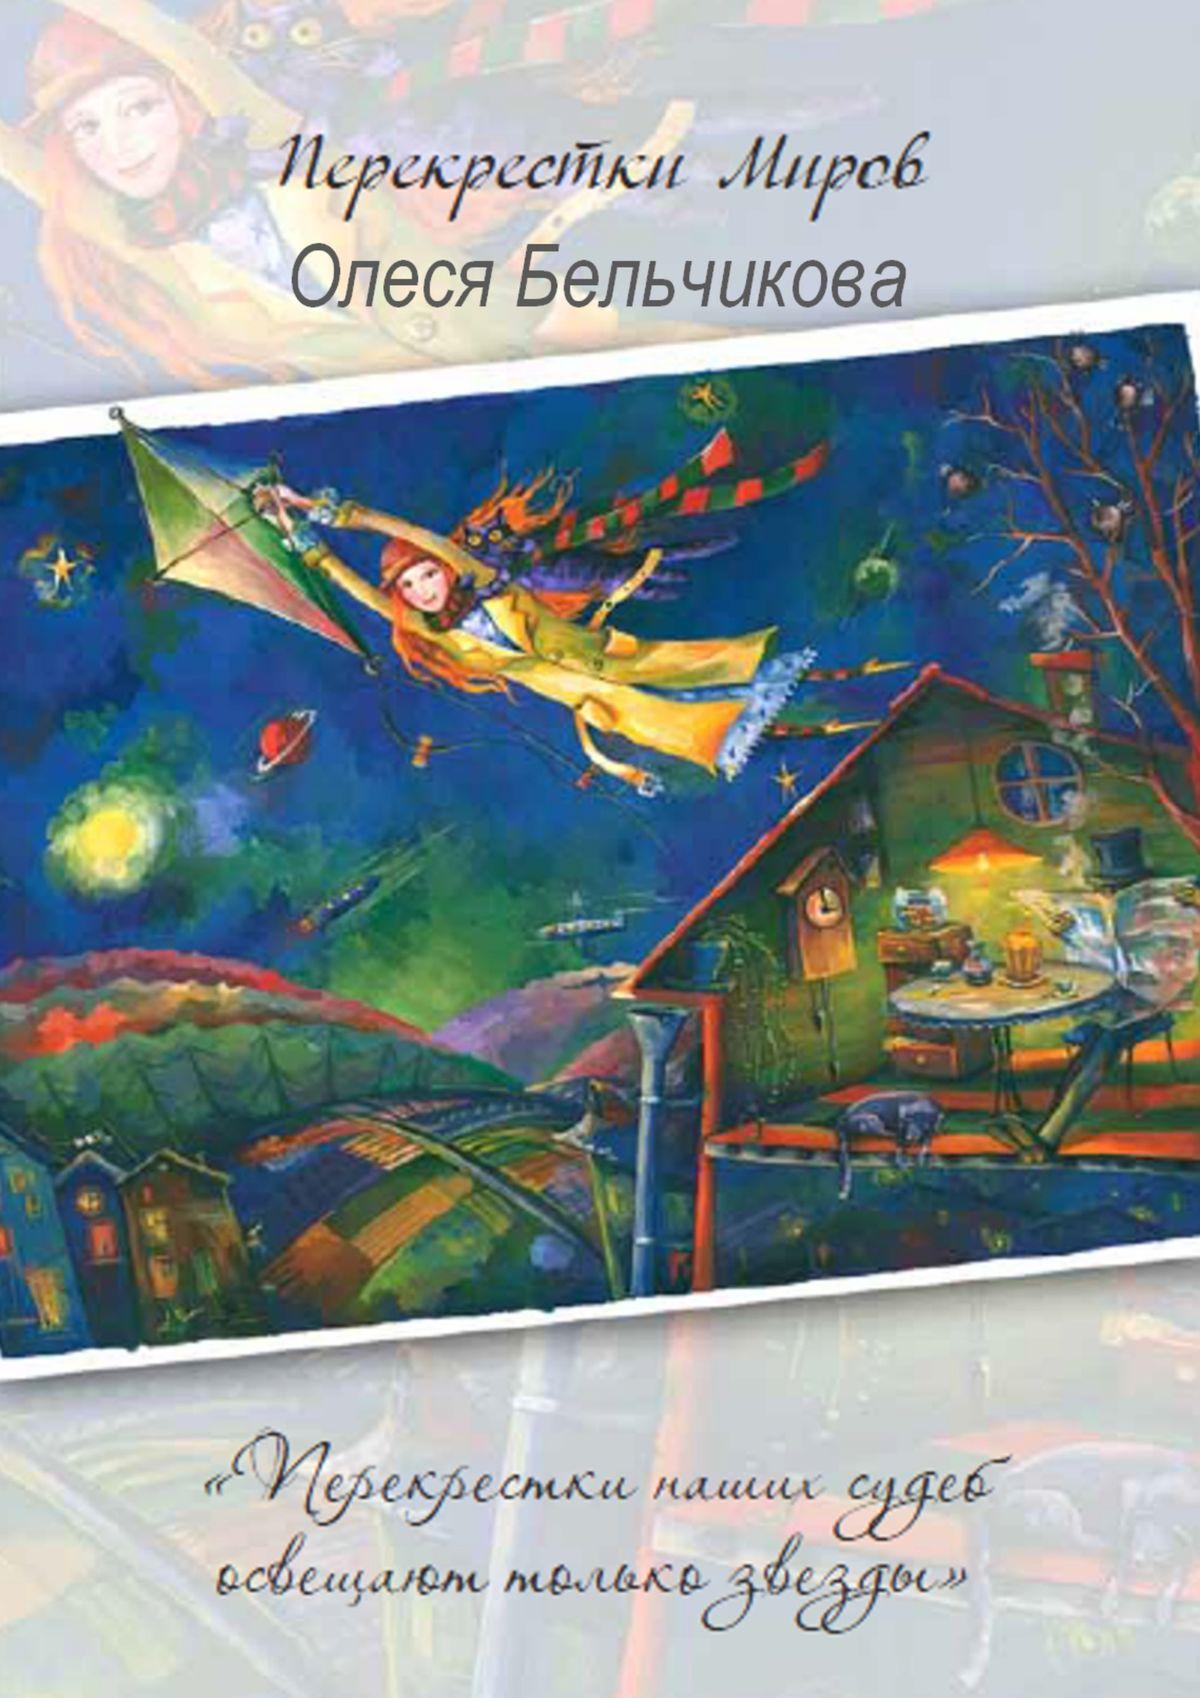 Олеся Бельчикова Перекрестки миров олеся бельчикова перекрестки миров